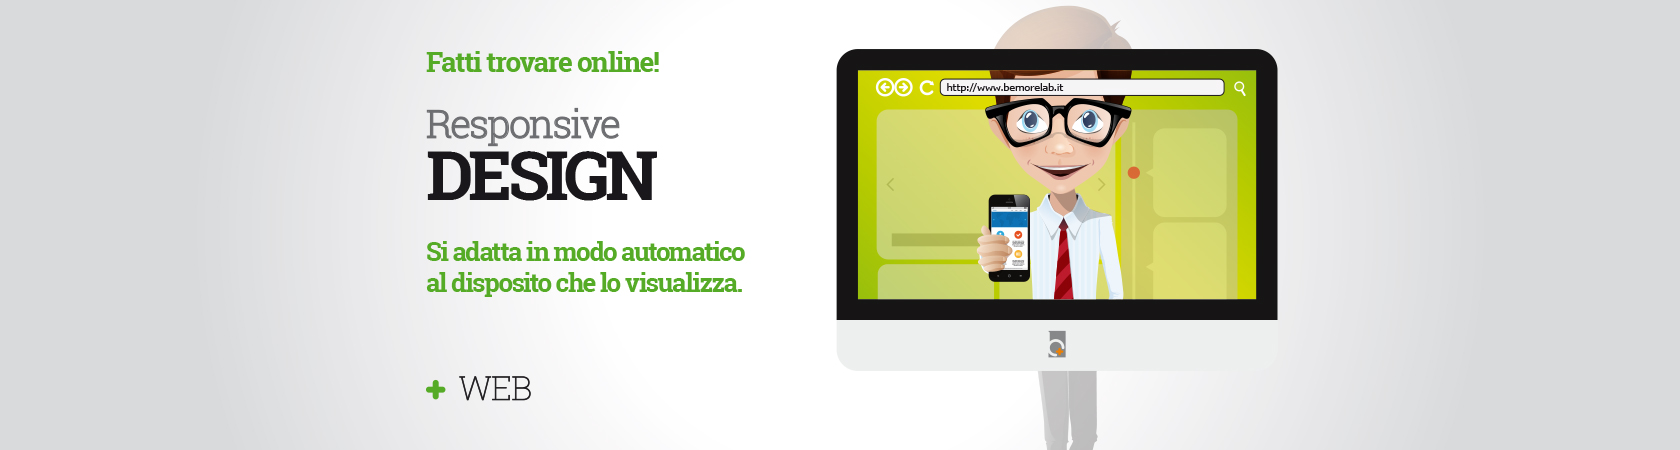 BeMoreLab. Fatti trovare online. Crea il tuo sito web.